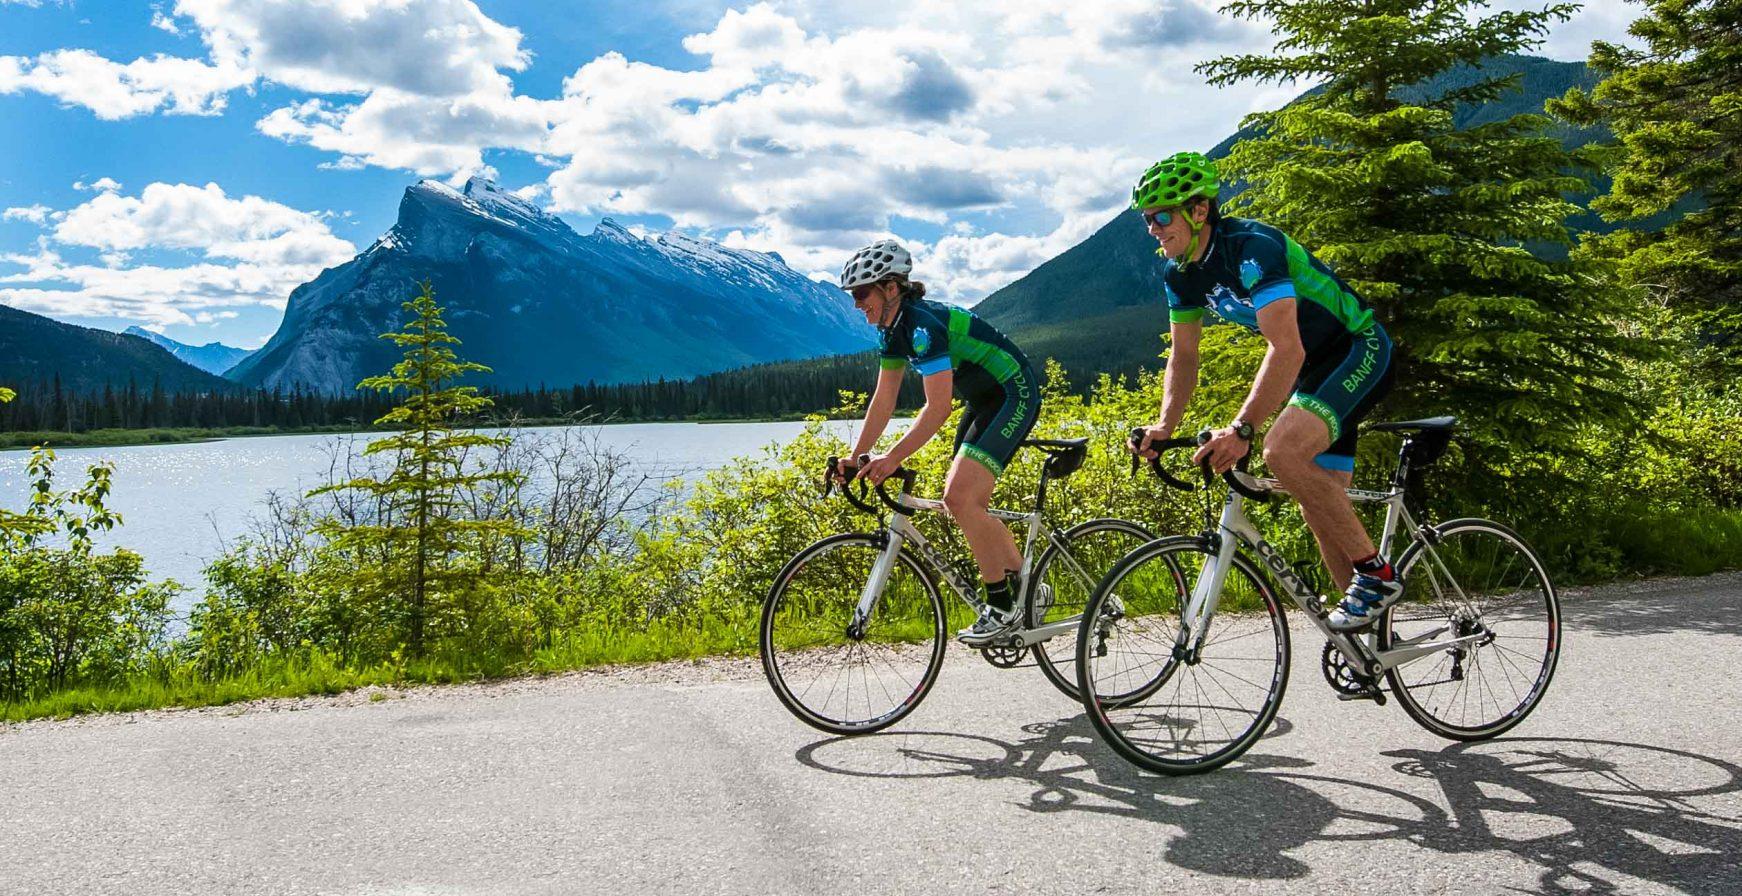 Glacier-Banff-Jasper Bike Tour